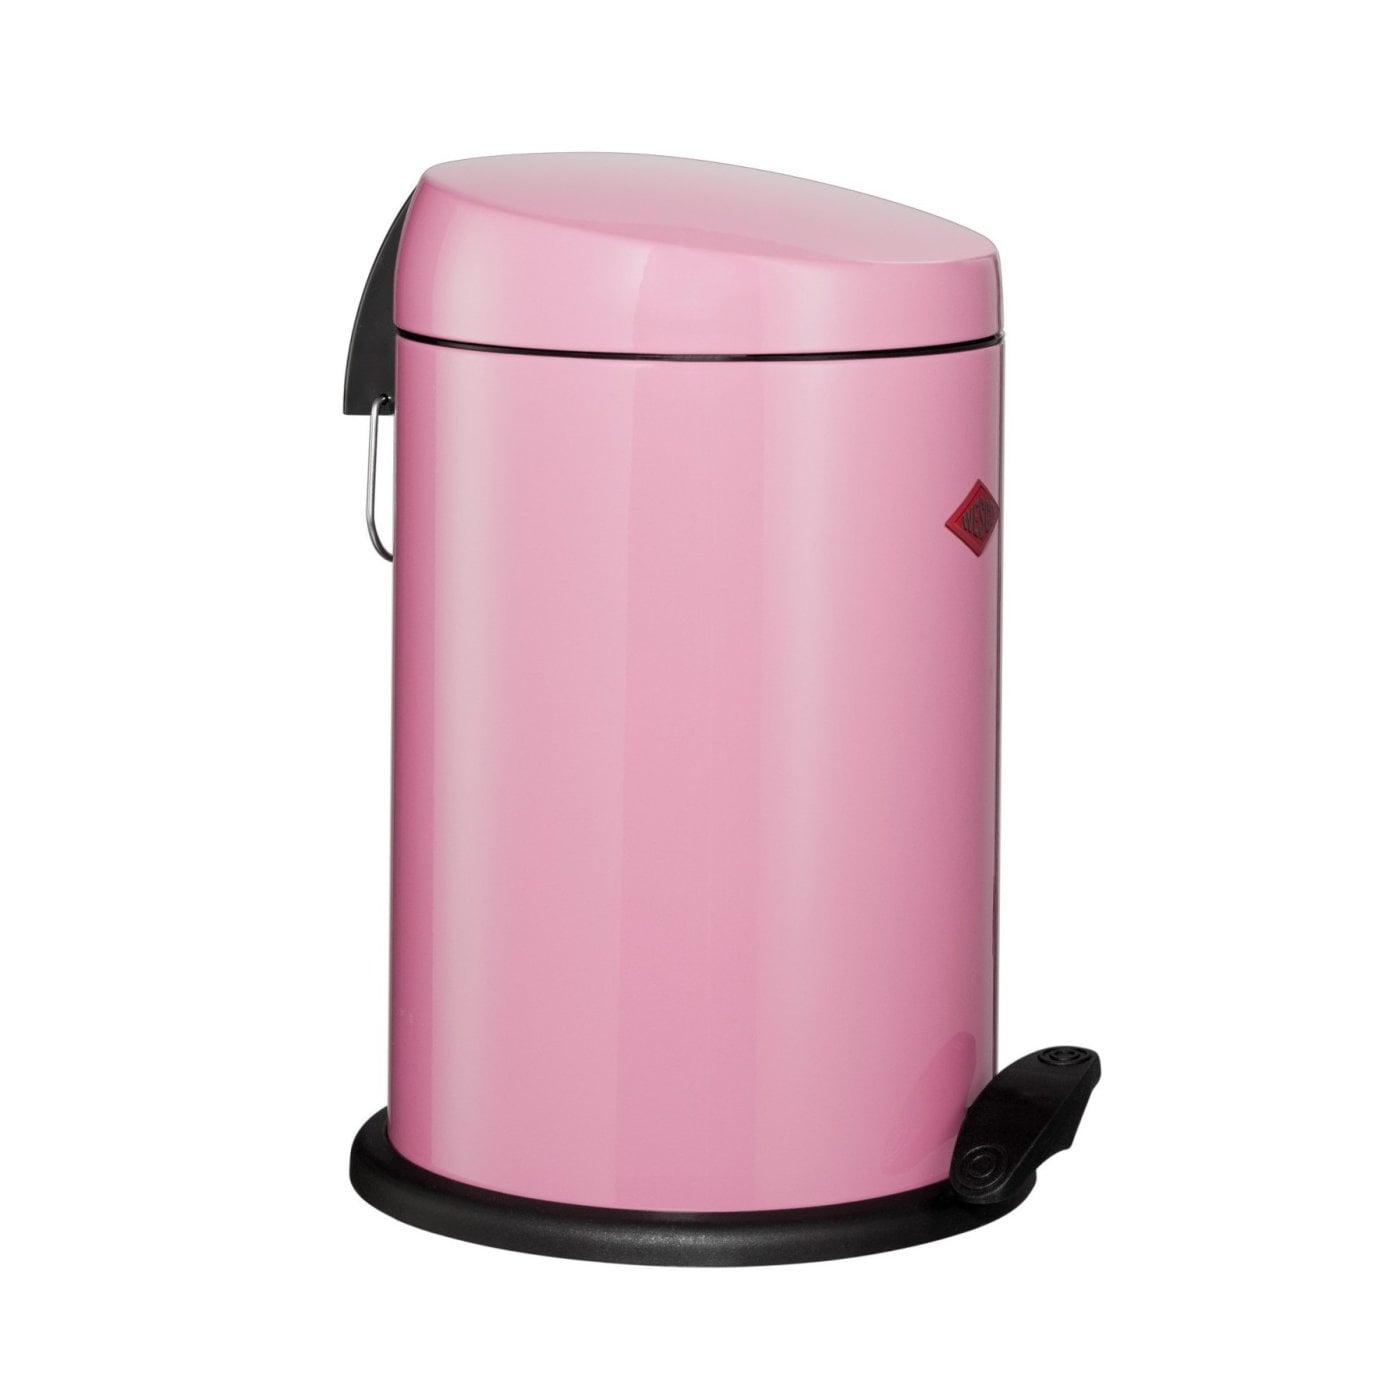 Odpadkový koš CAPBOY nášlapný 13l růžový - Wesco